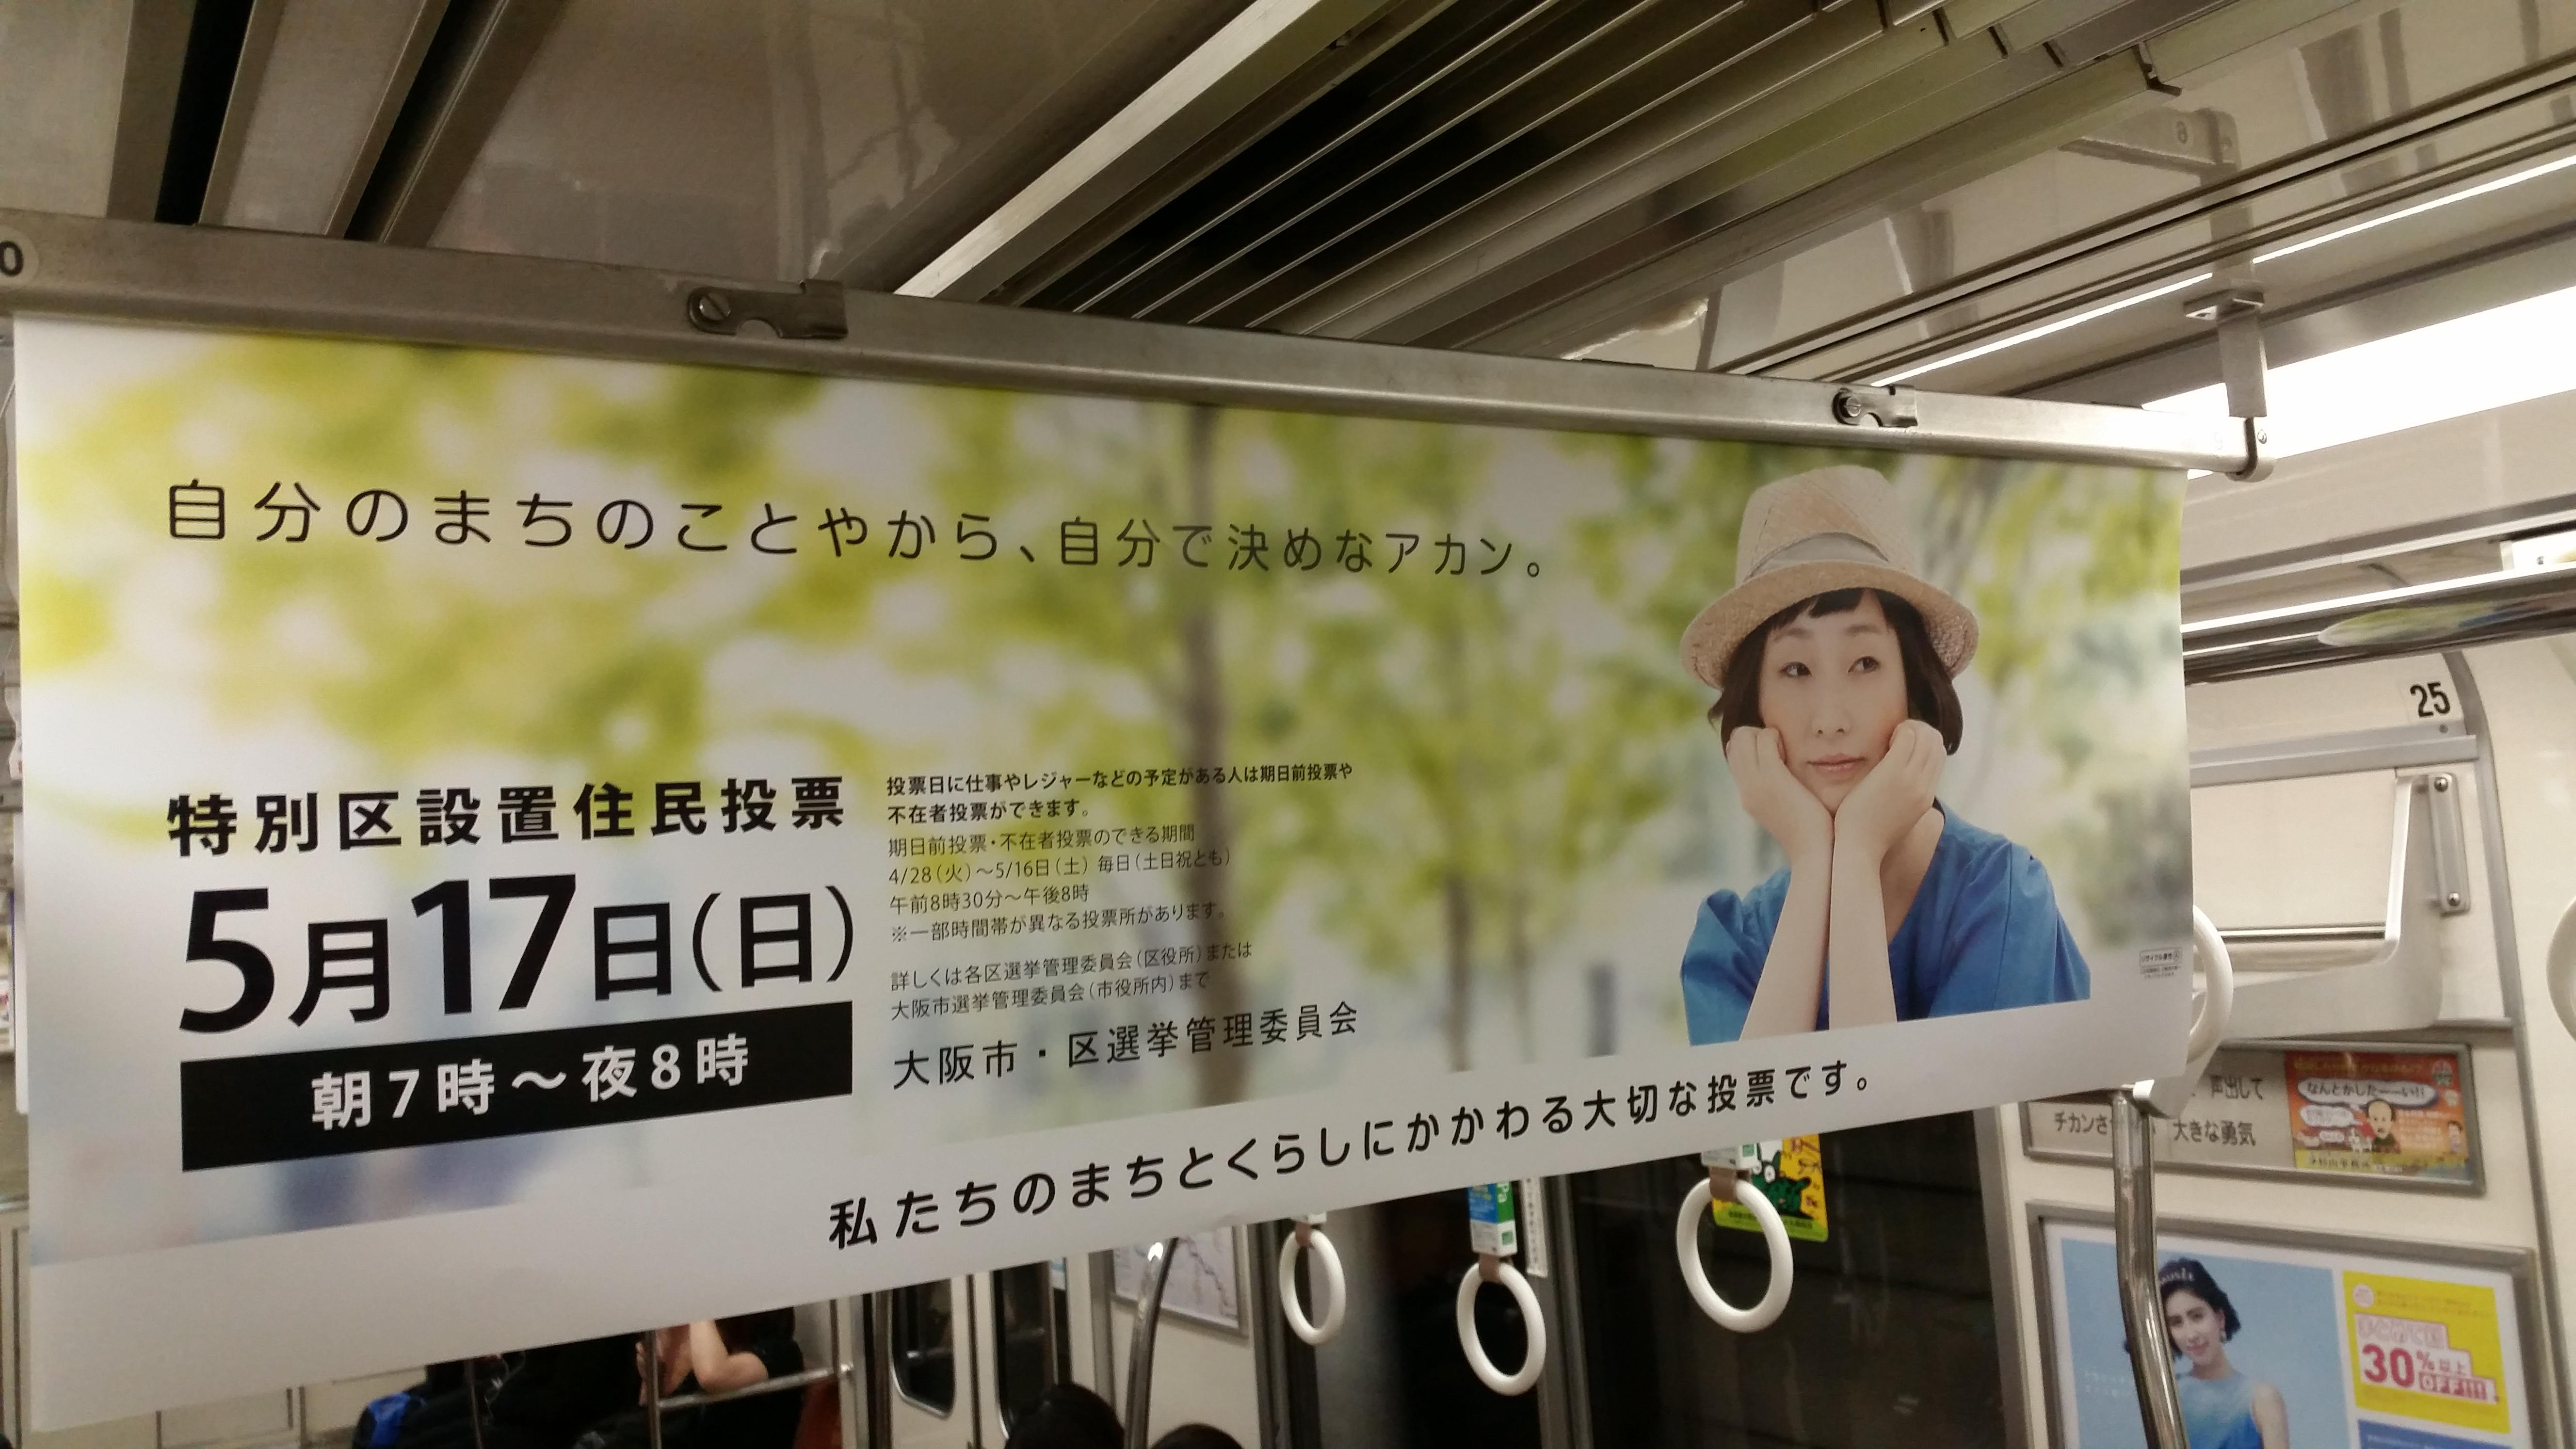 5.17大阪市民投票対面調査結果